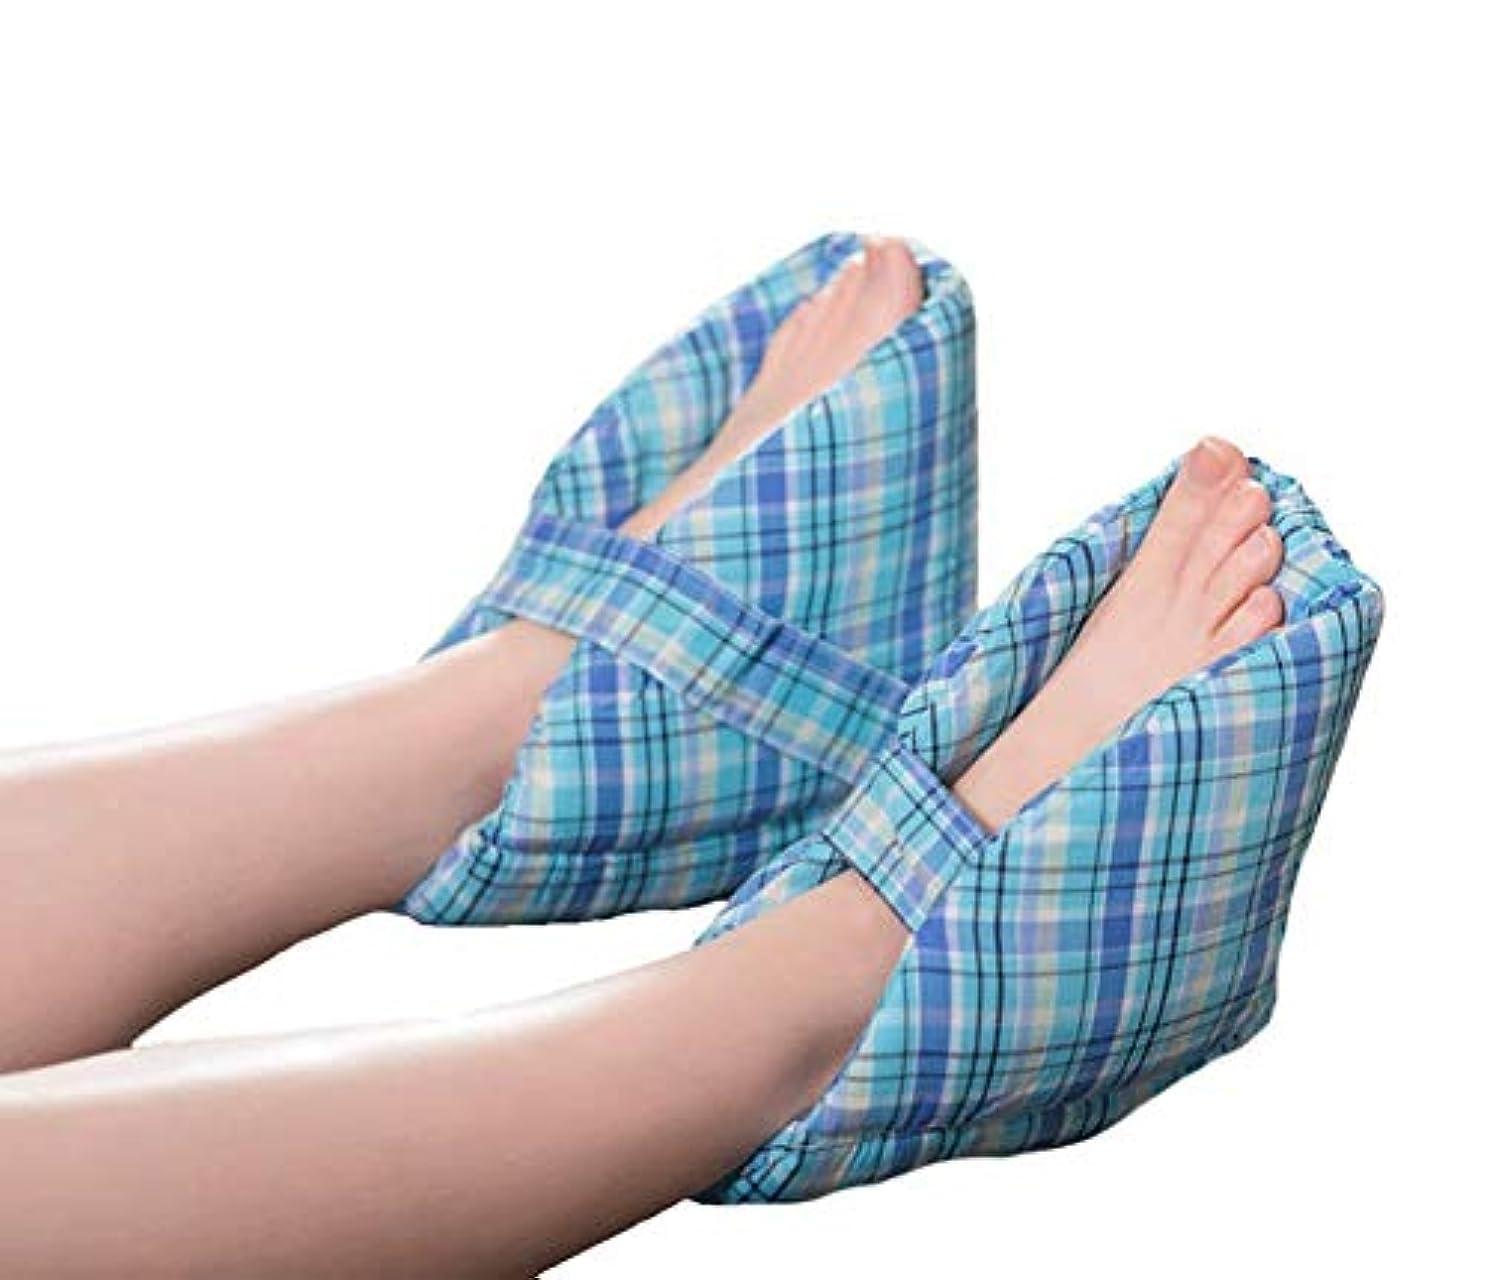 店員縁刃かかとプロテクター枕、足補正カバー、効果的なPressure瘡とかかと潰瘍の救済、腫れた足に最適、快適なかかと保護足枕、1ペア